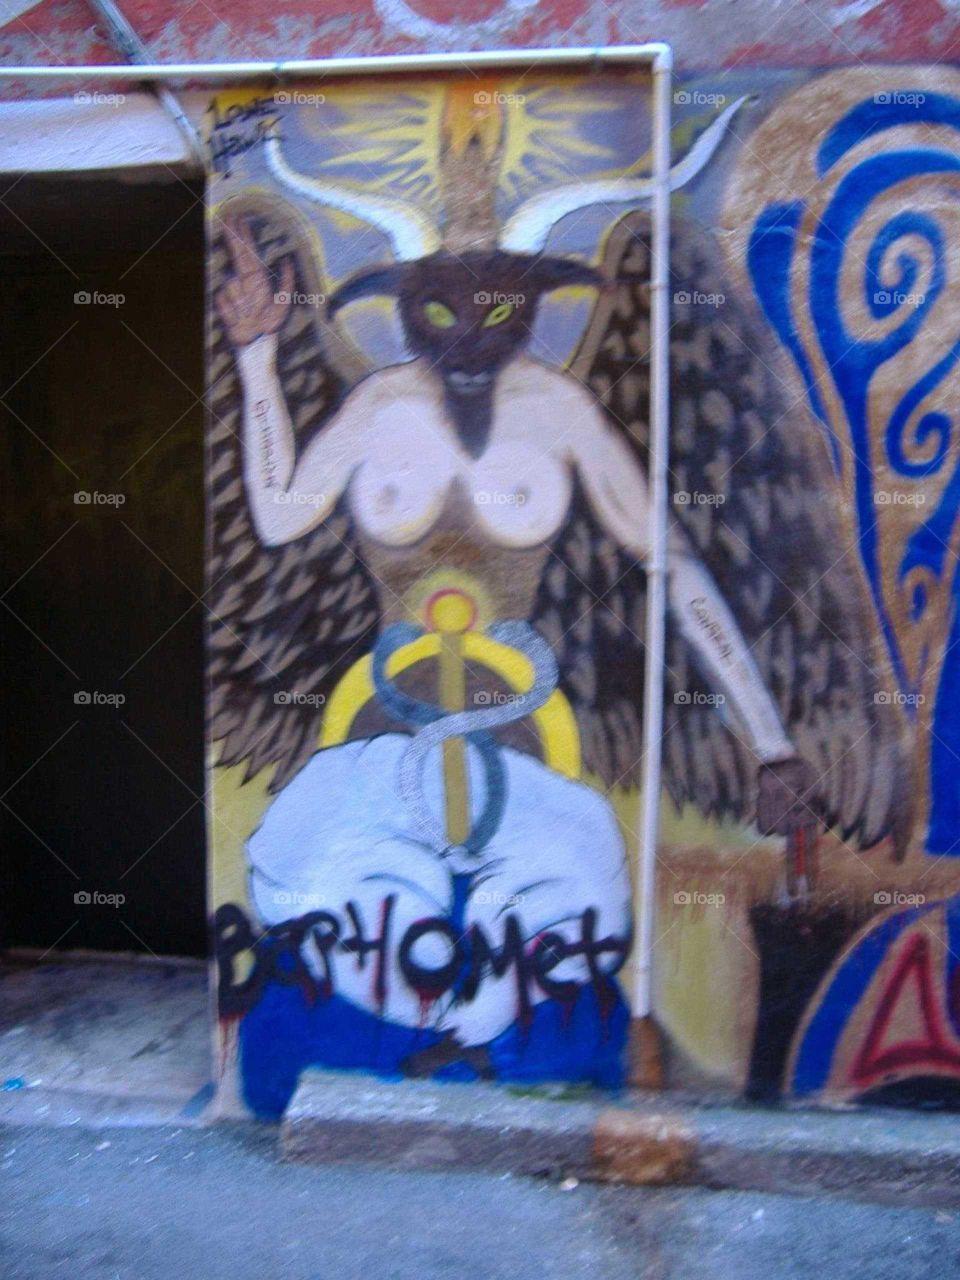 Street art Baphomet